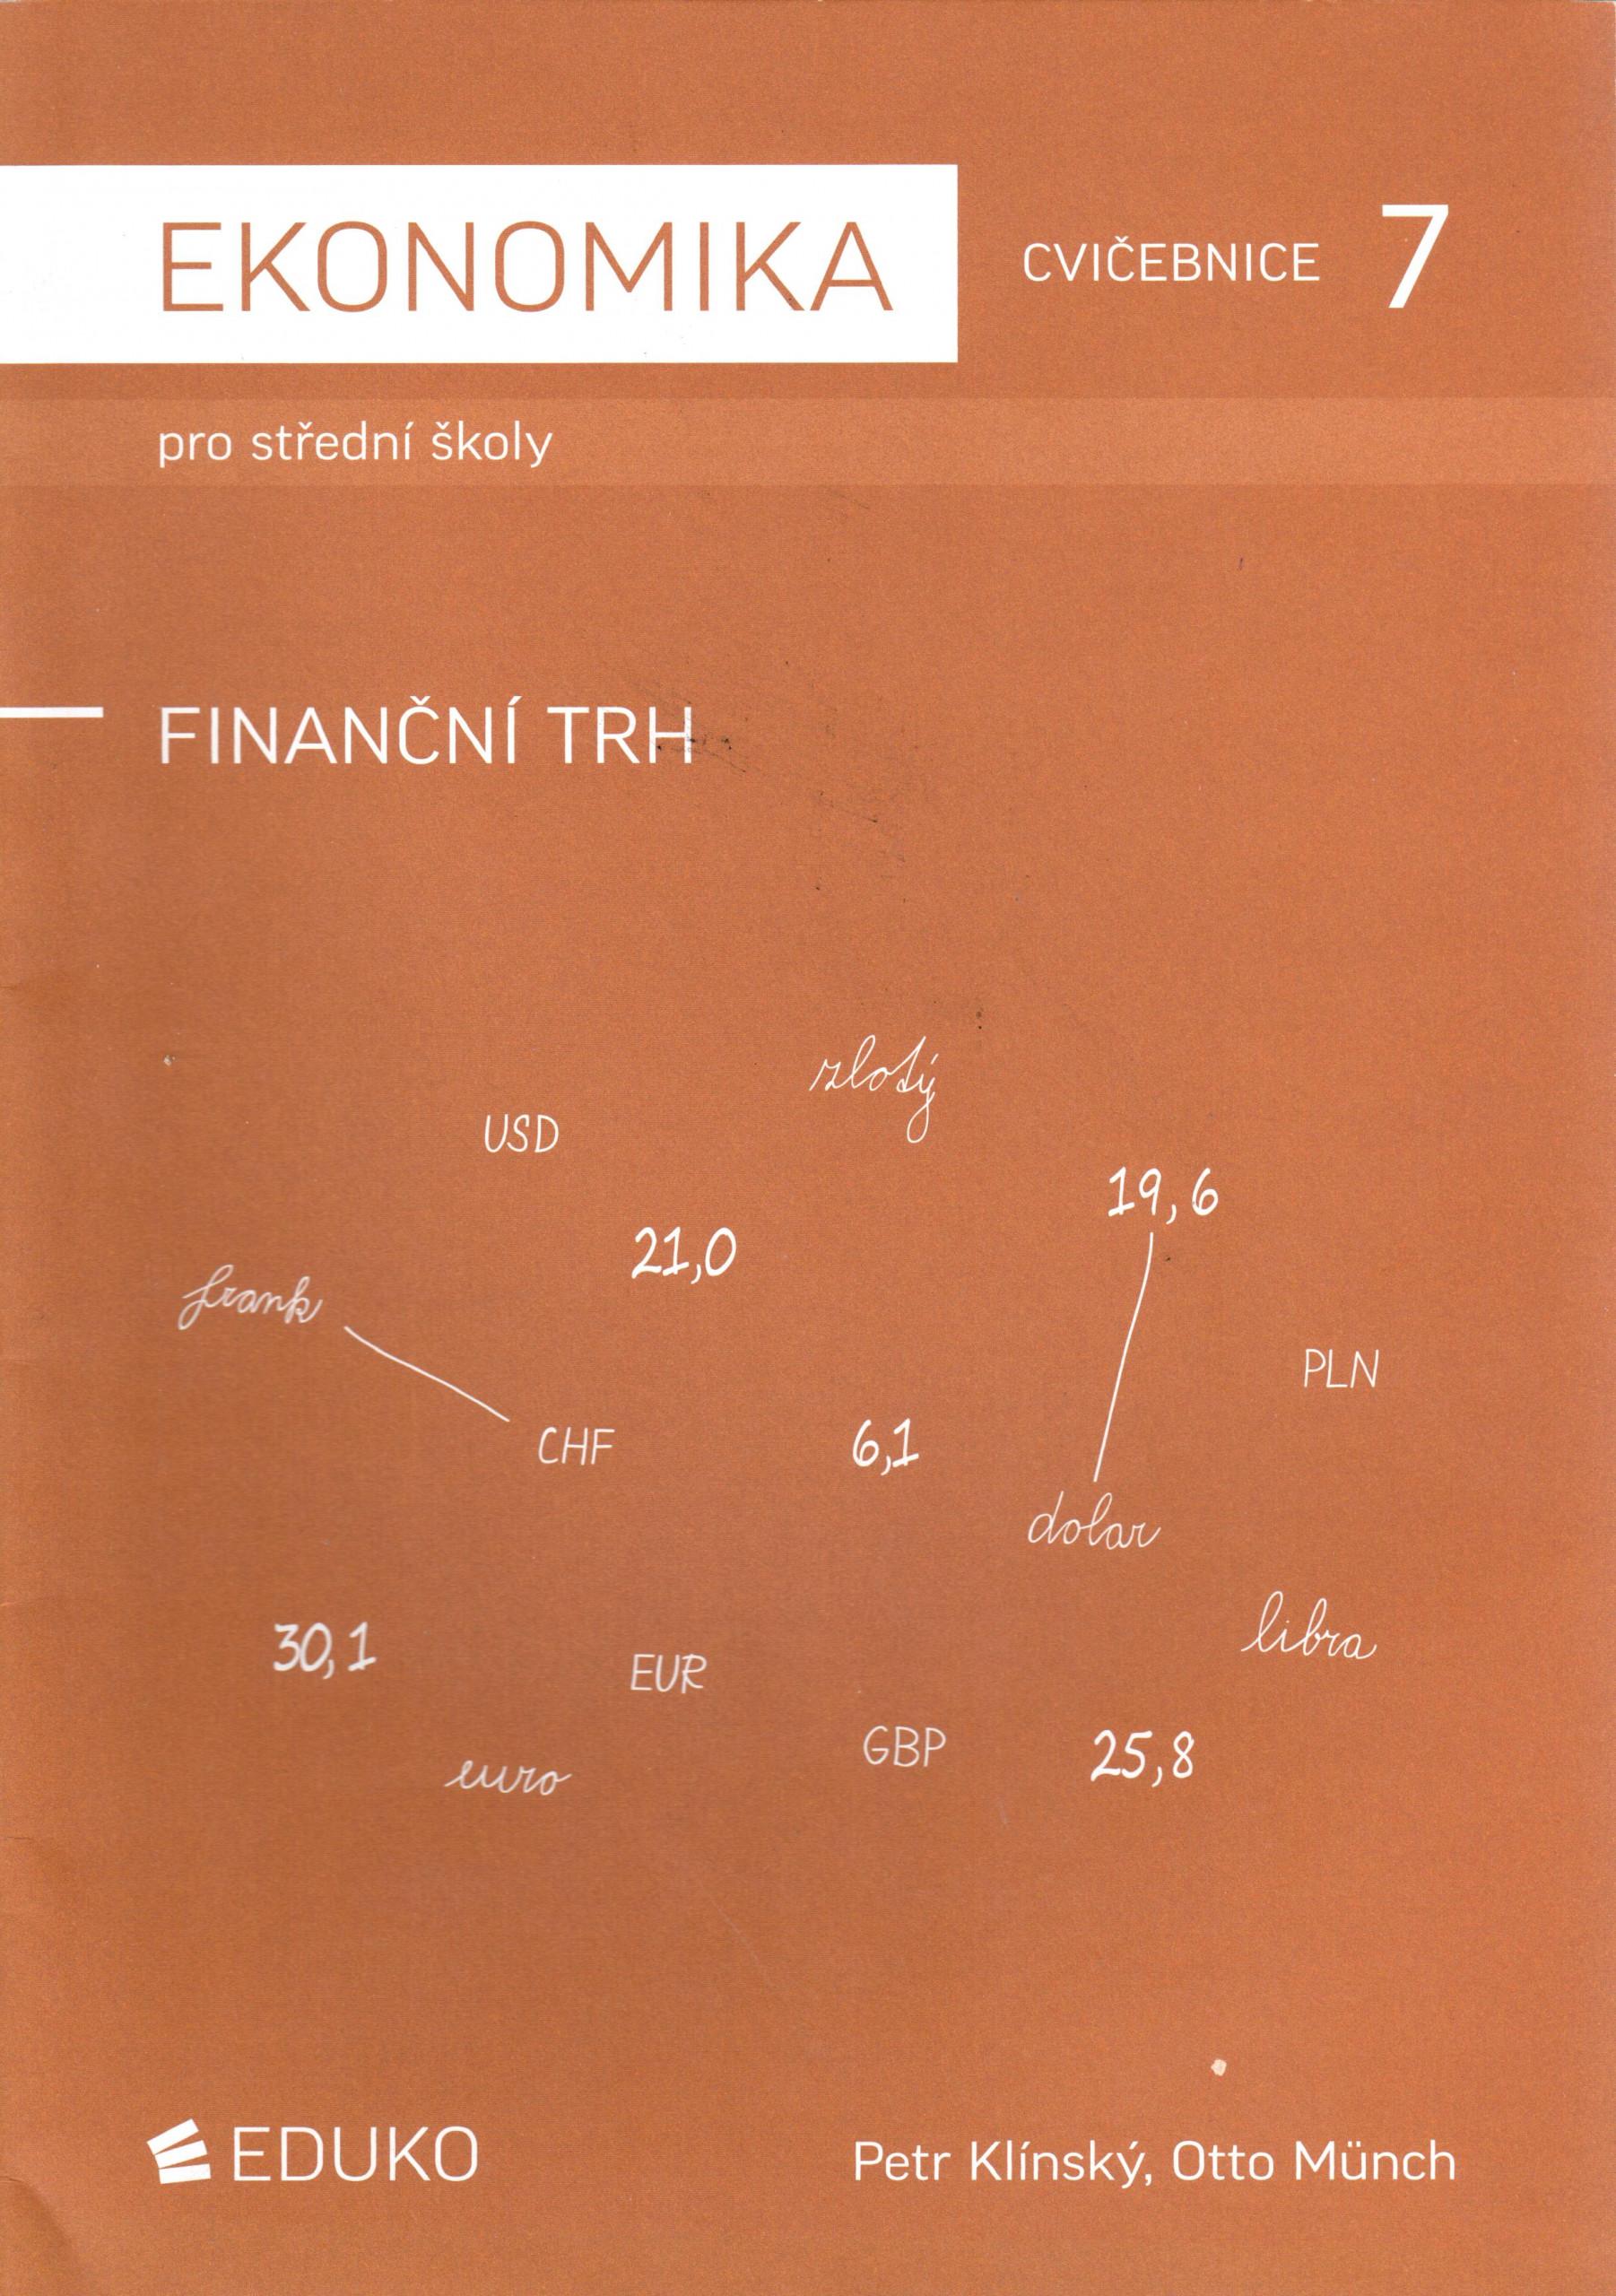 Ekonomika pro střední školy 7: Finanční trh (cvičebnice) - Náhled učebnice